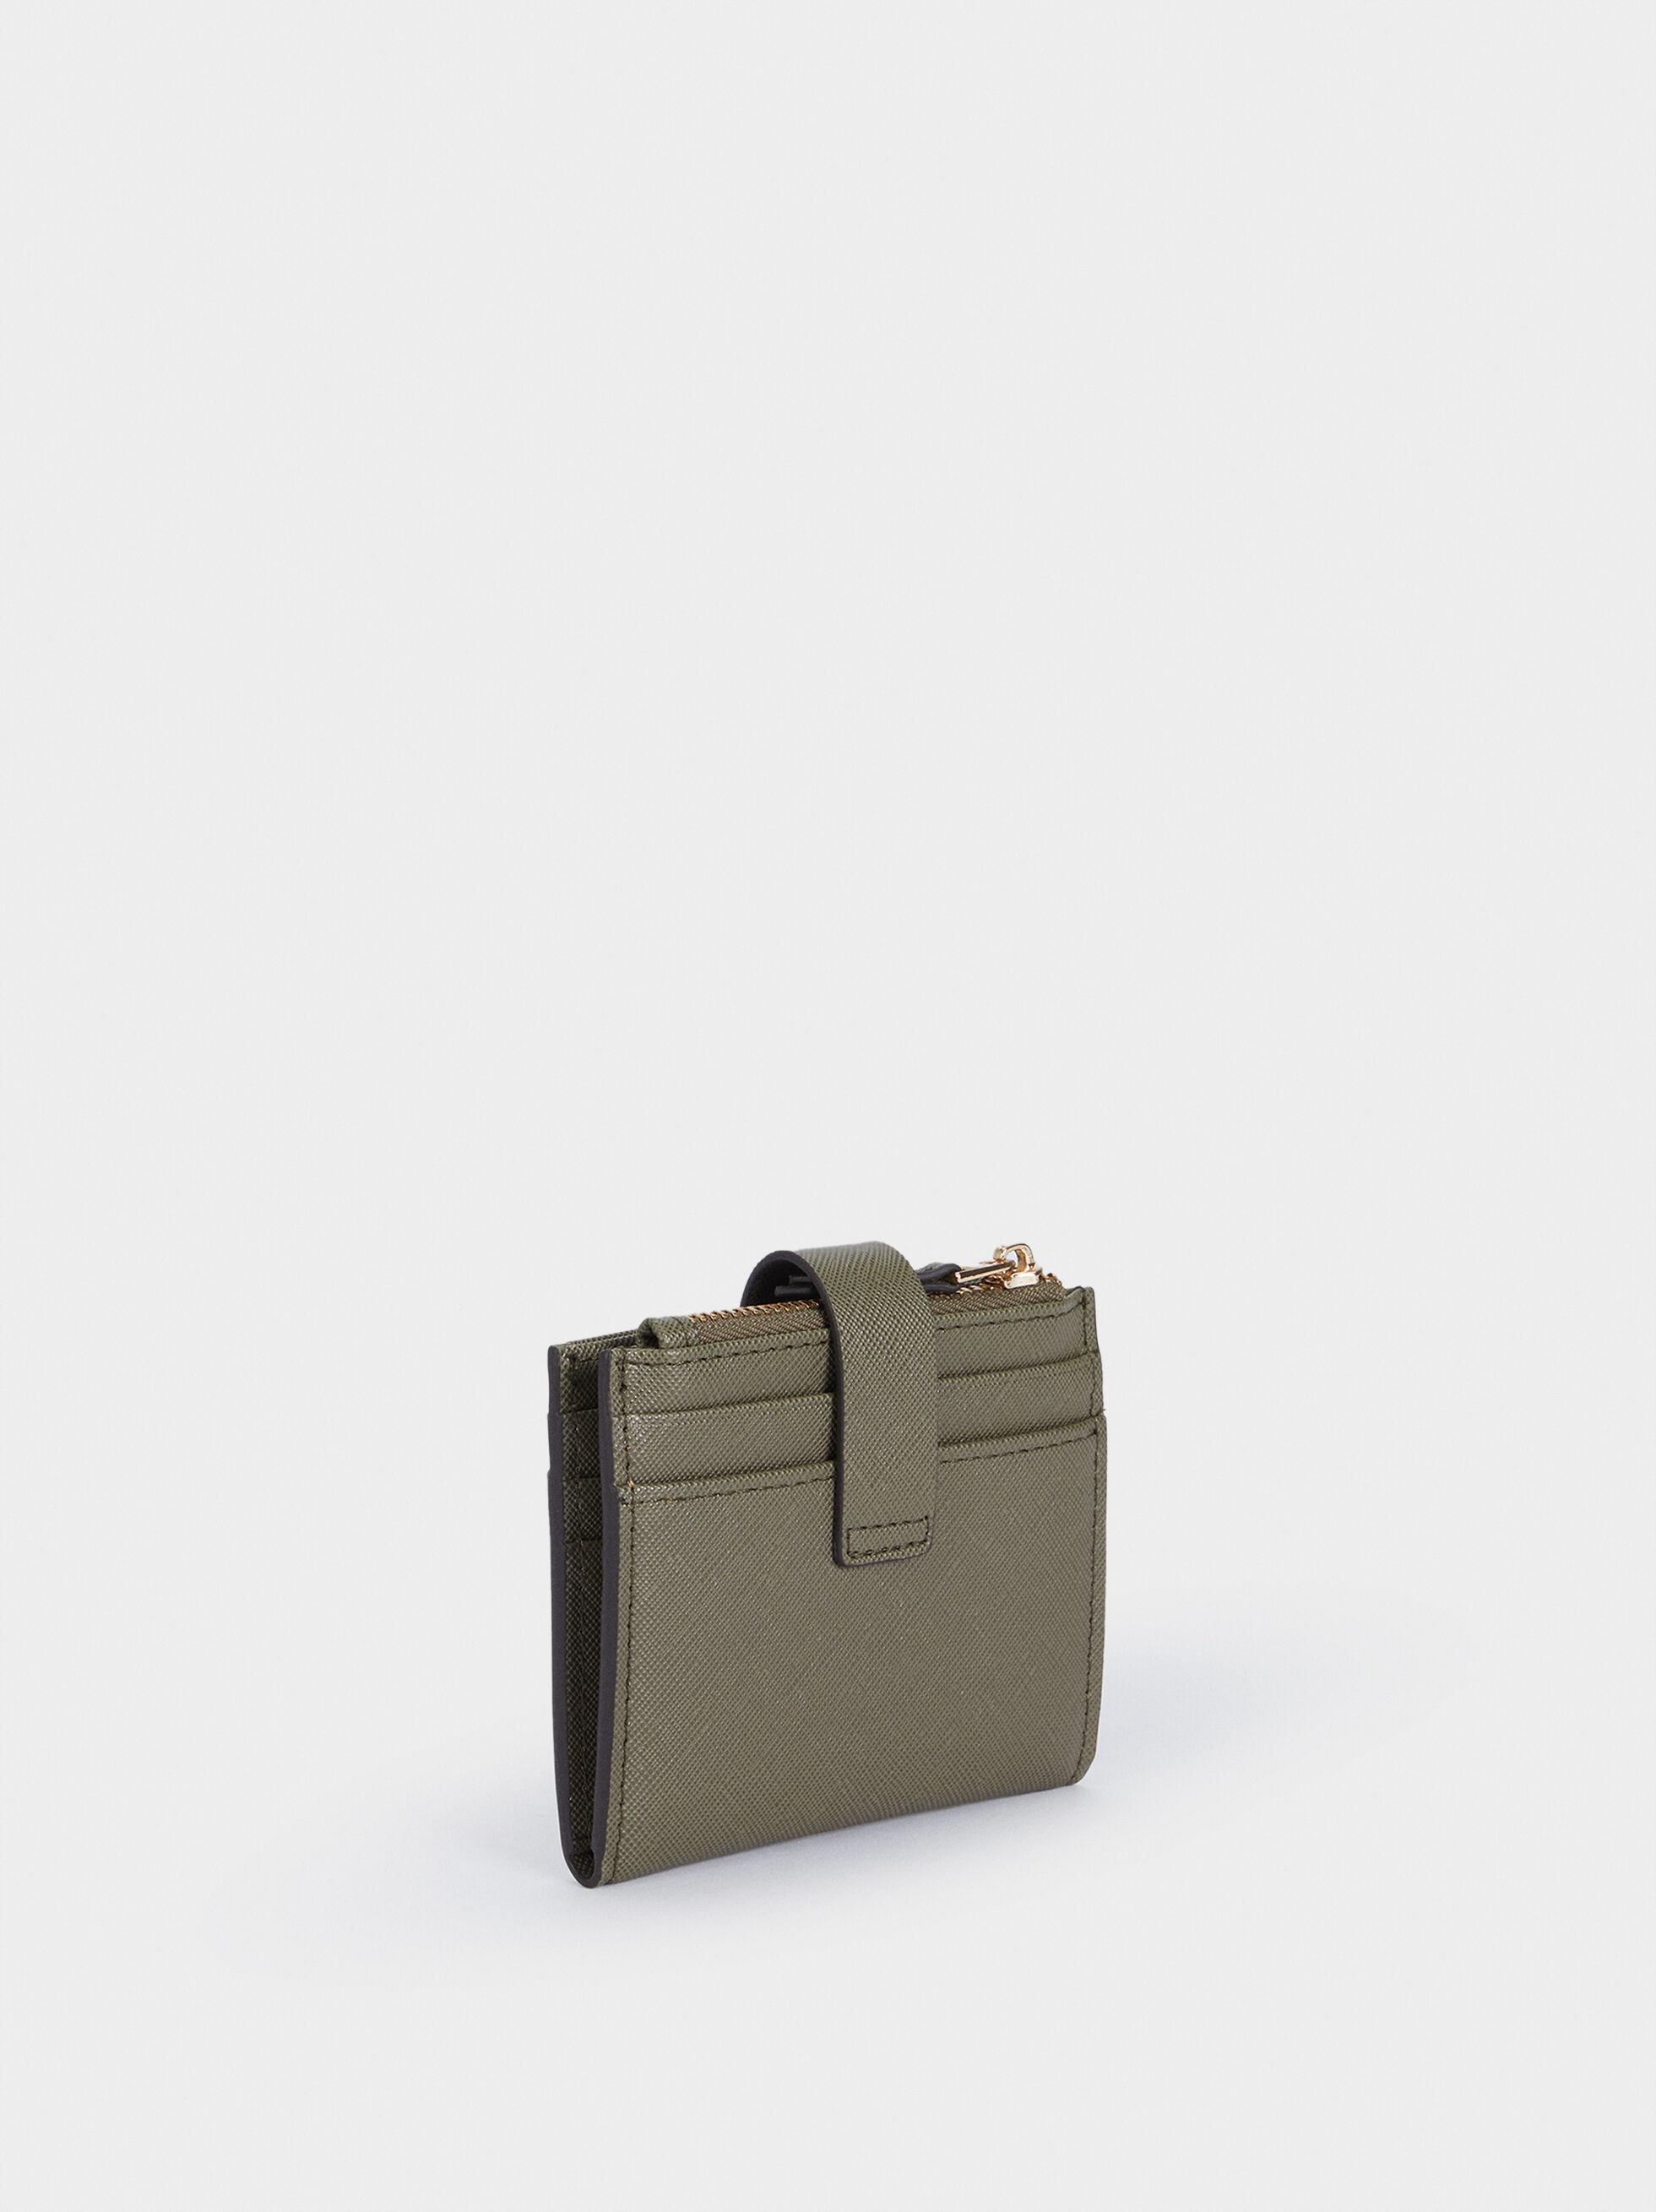 Card Holder Purse, Khaki, hi-res